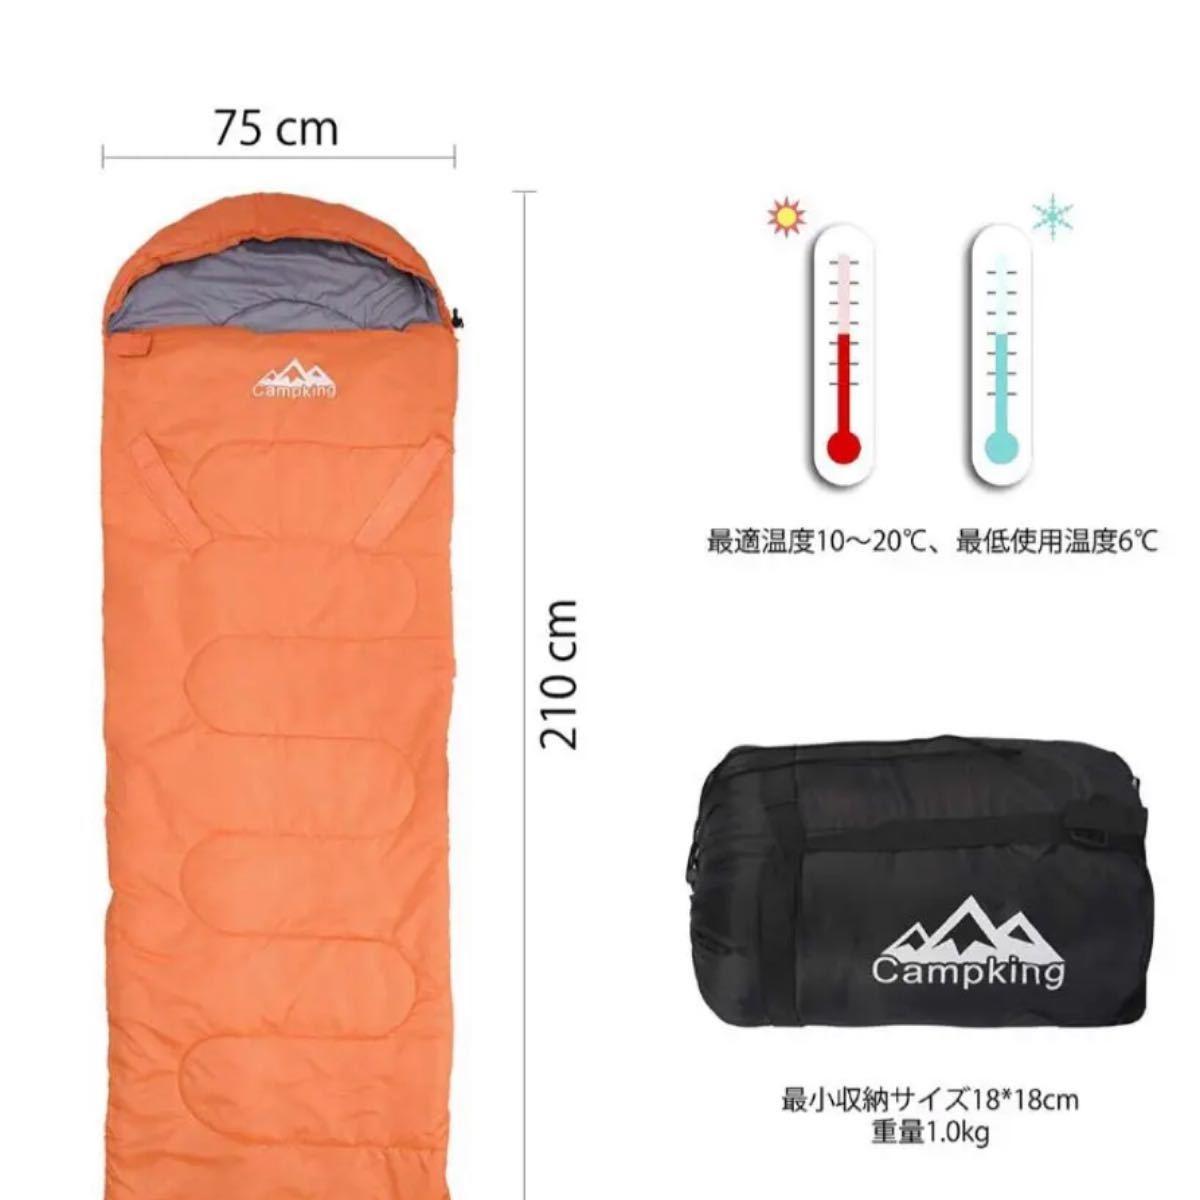 寝袋シュラフ 寝袋 軽量 封筒型シュラフ